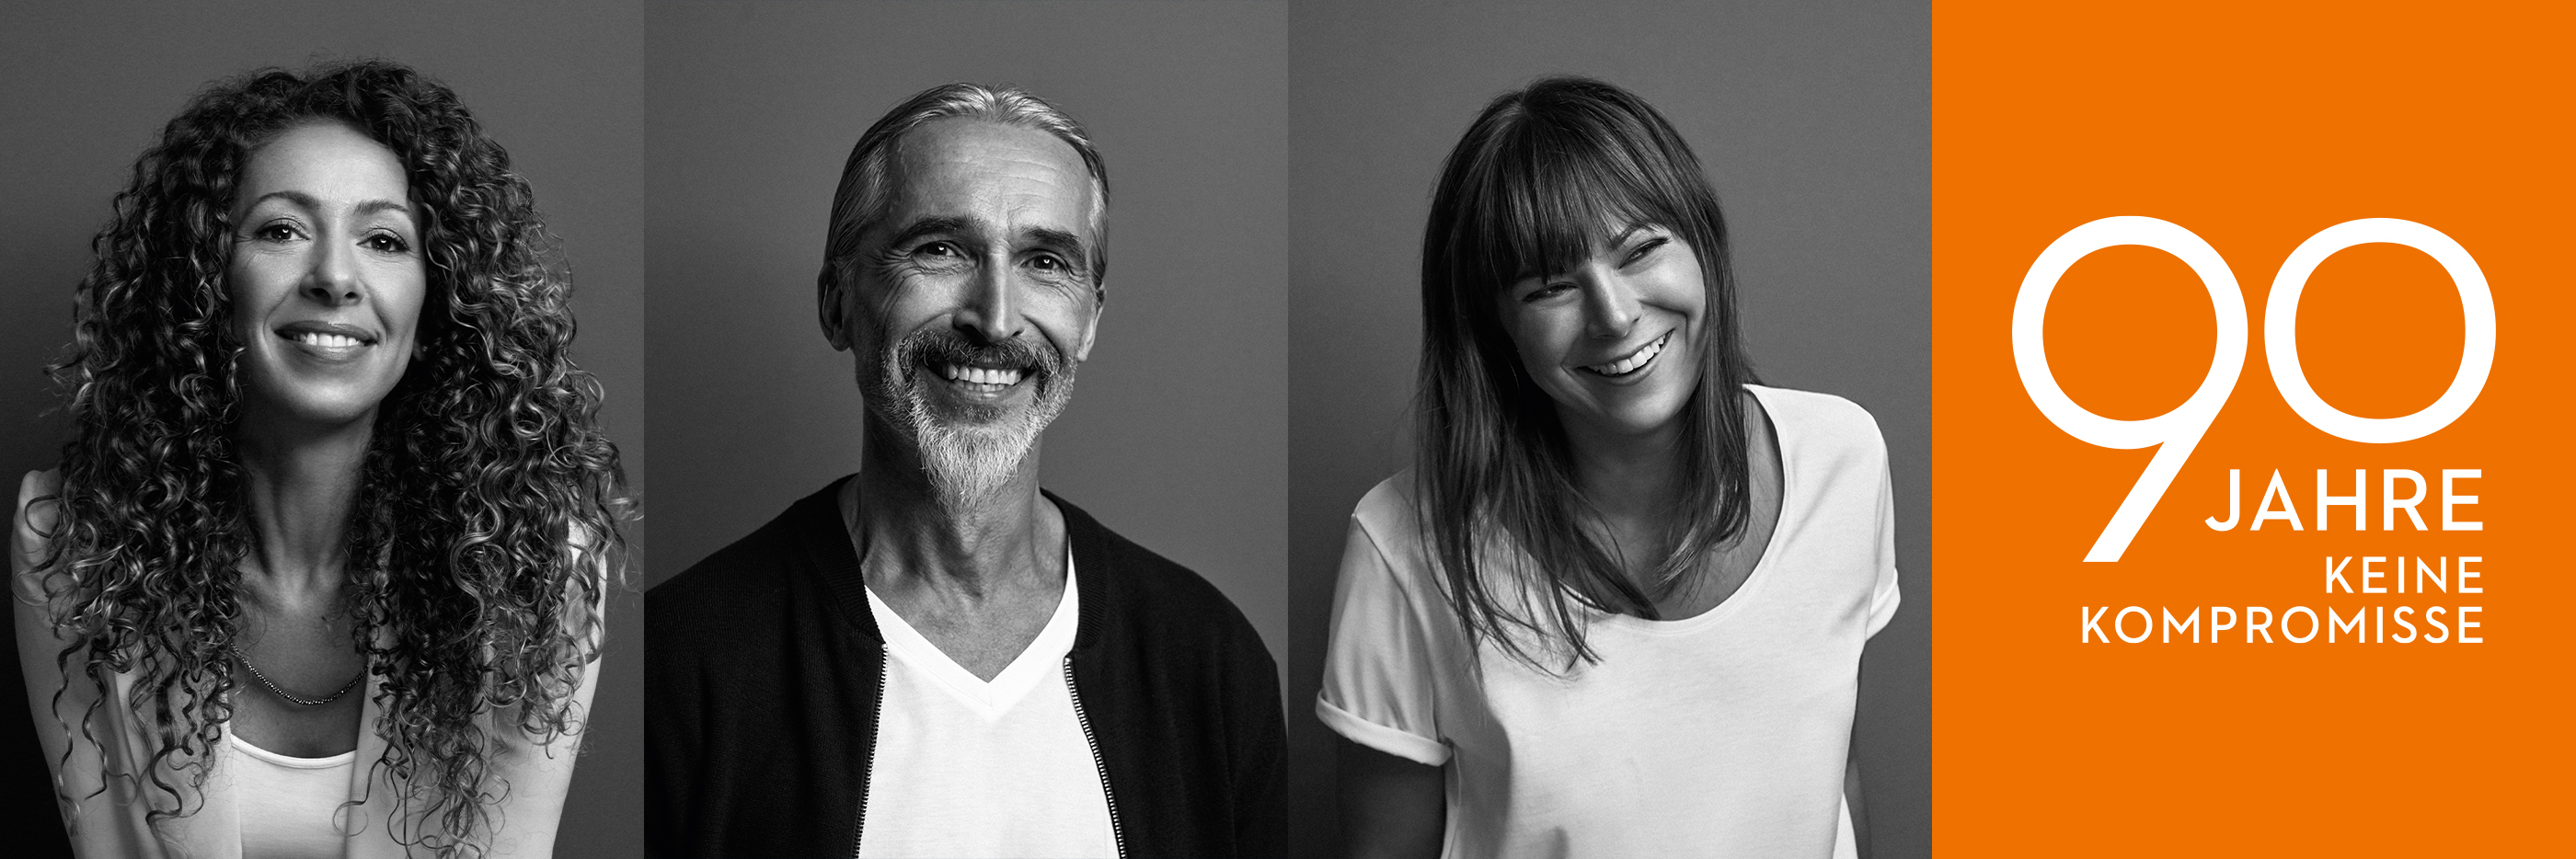 mey® Mitarbeiter Portraits von Daniela Sinatra-Marzio, Thomas Rückauf und Anne Herrmann sowie dem Logo zum 90-jährigen Jubiläum von mey.